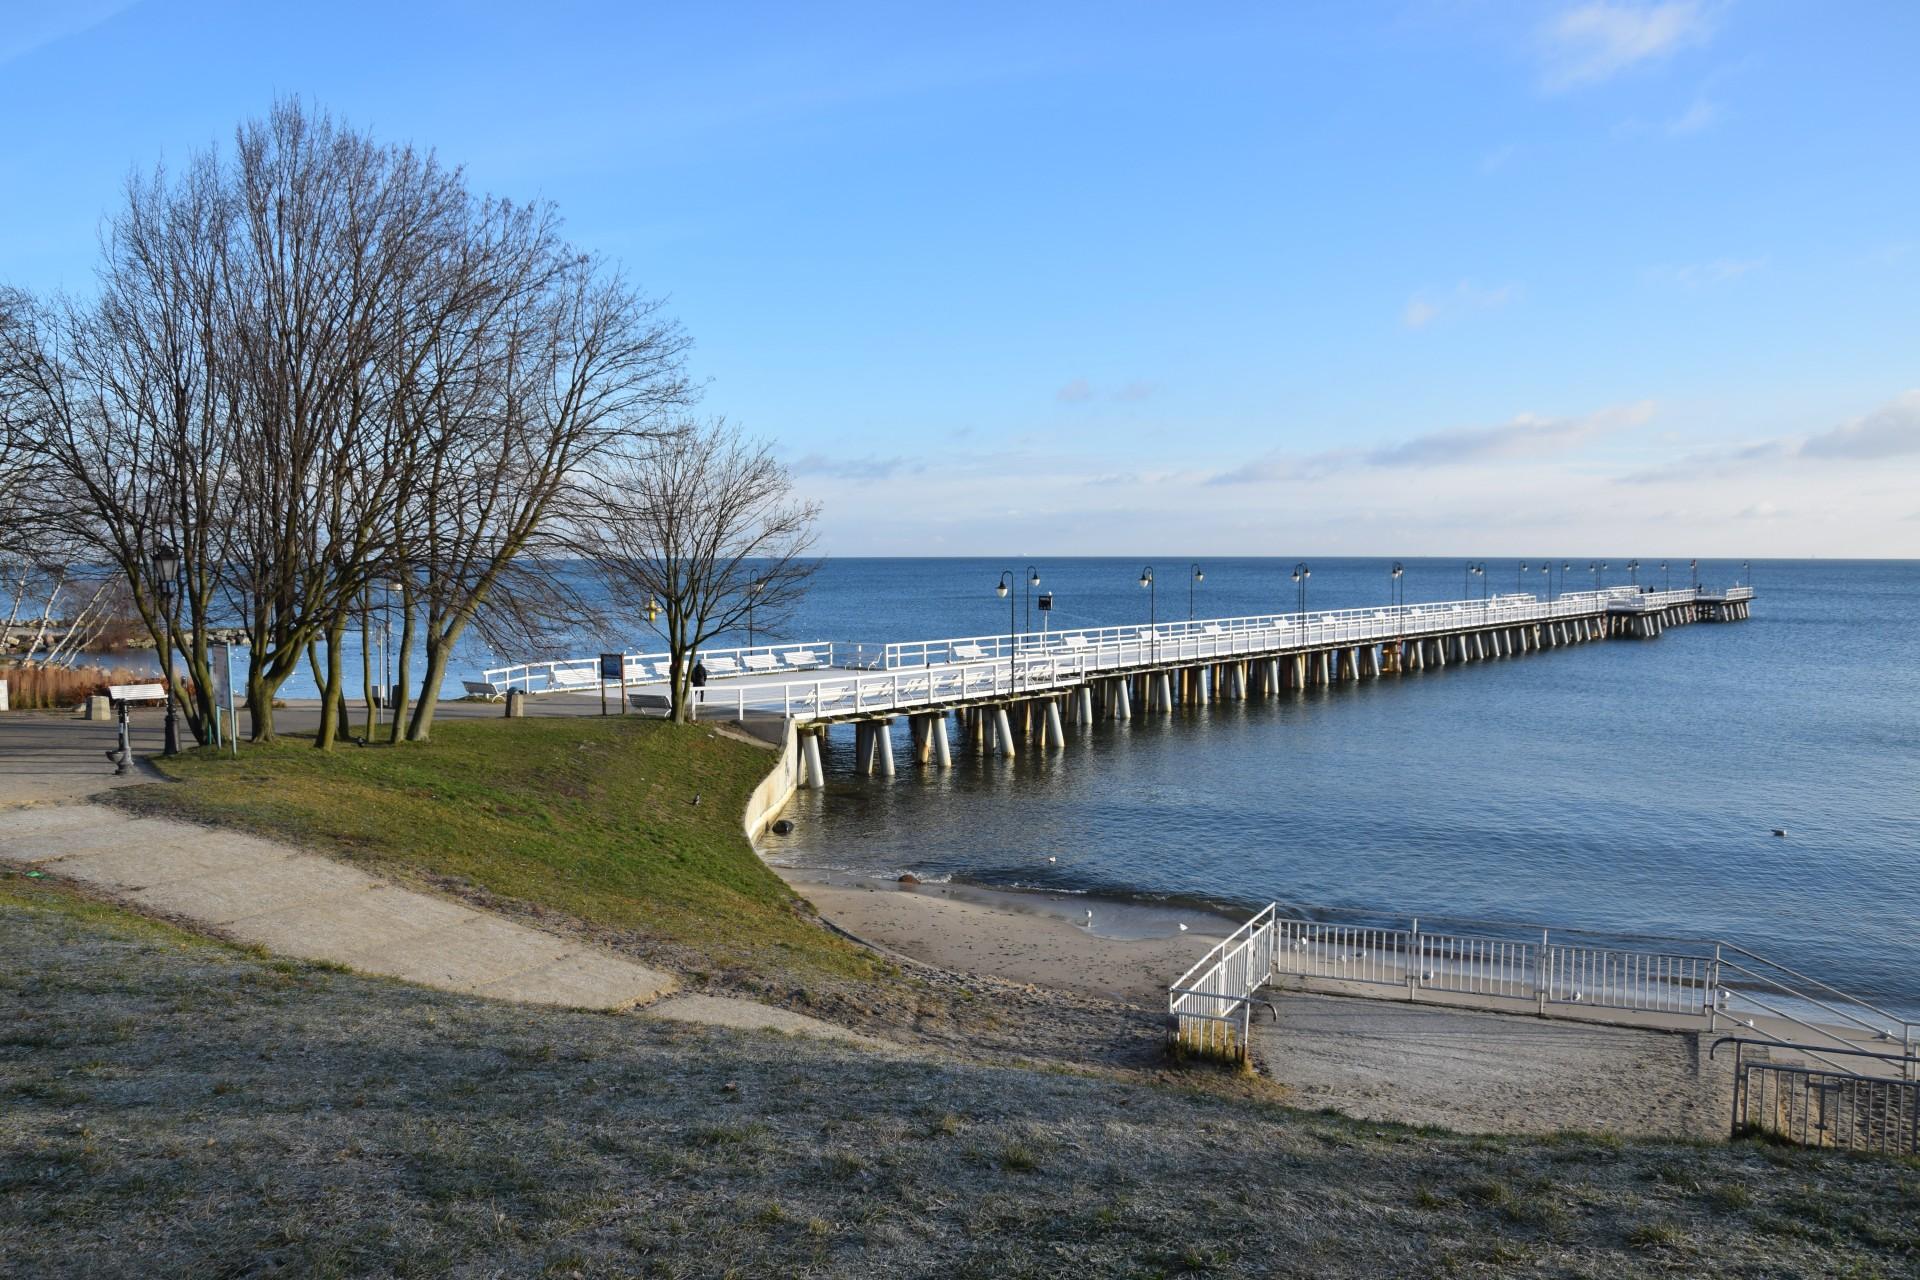 Druga wyprawa do wsi Gdynia 19